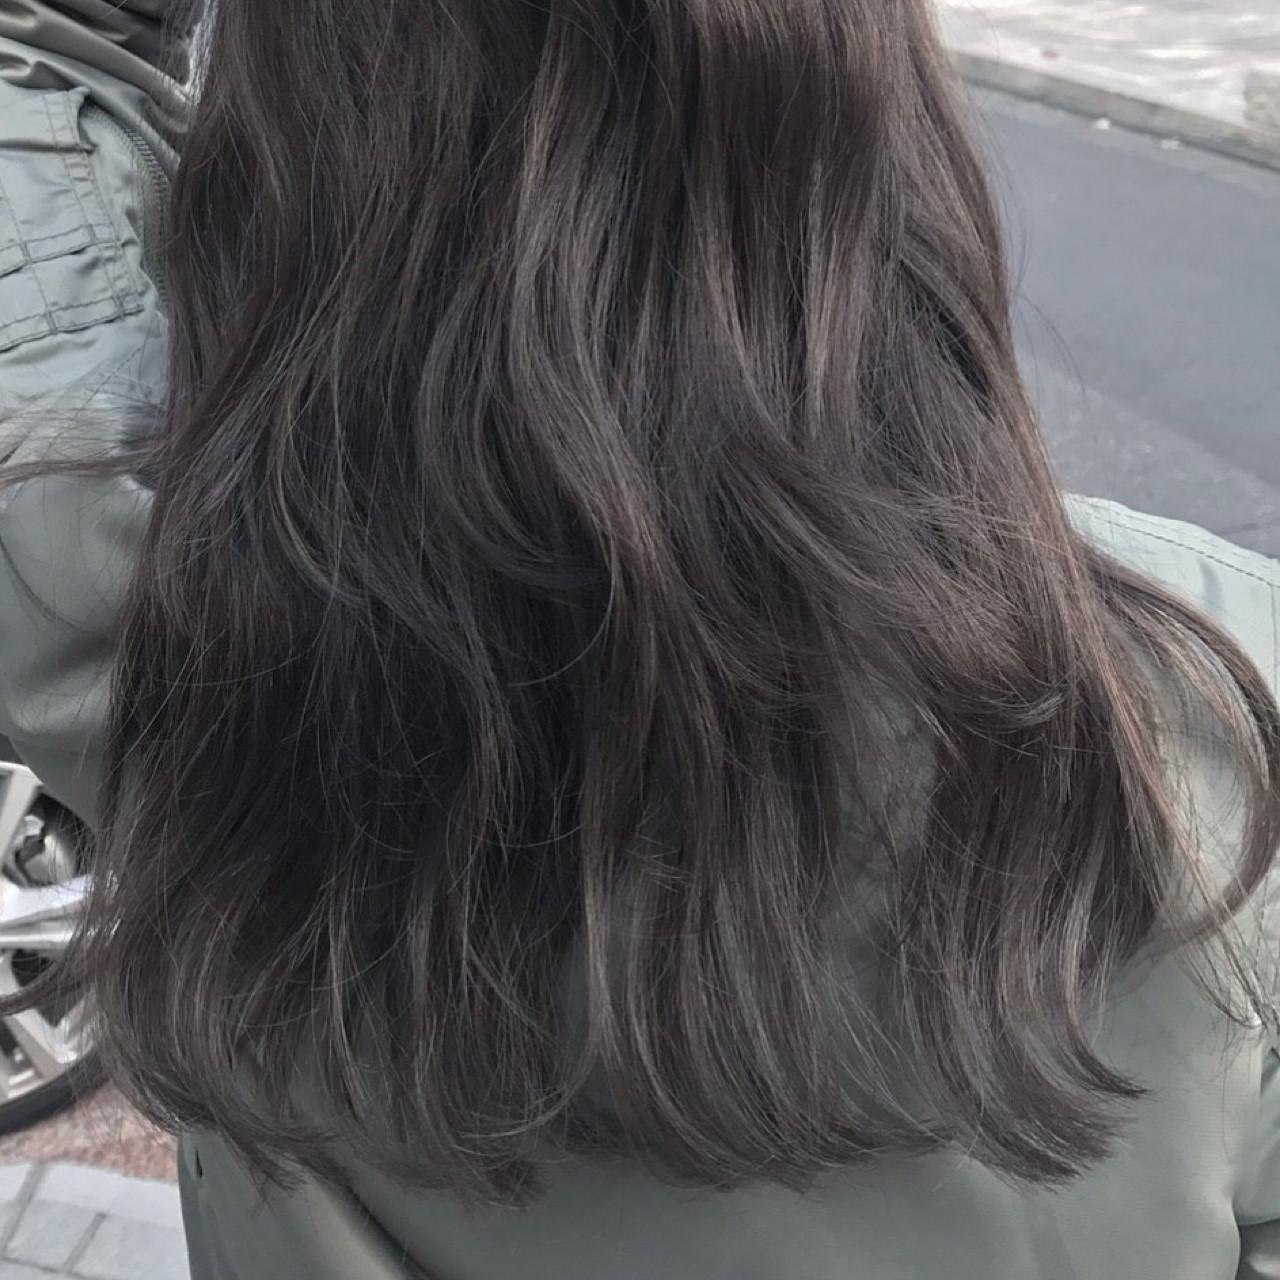 ニュアンス ナチュラル ロング パーマ ヘアスタイルや髪型の写真・画像